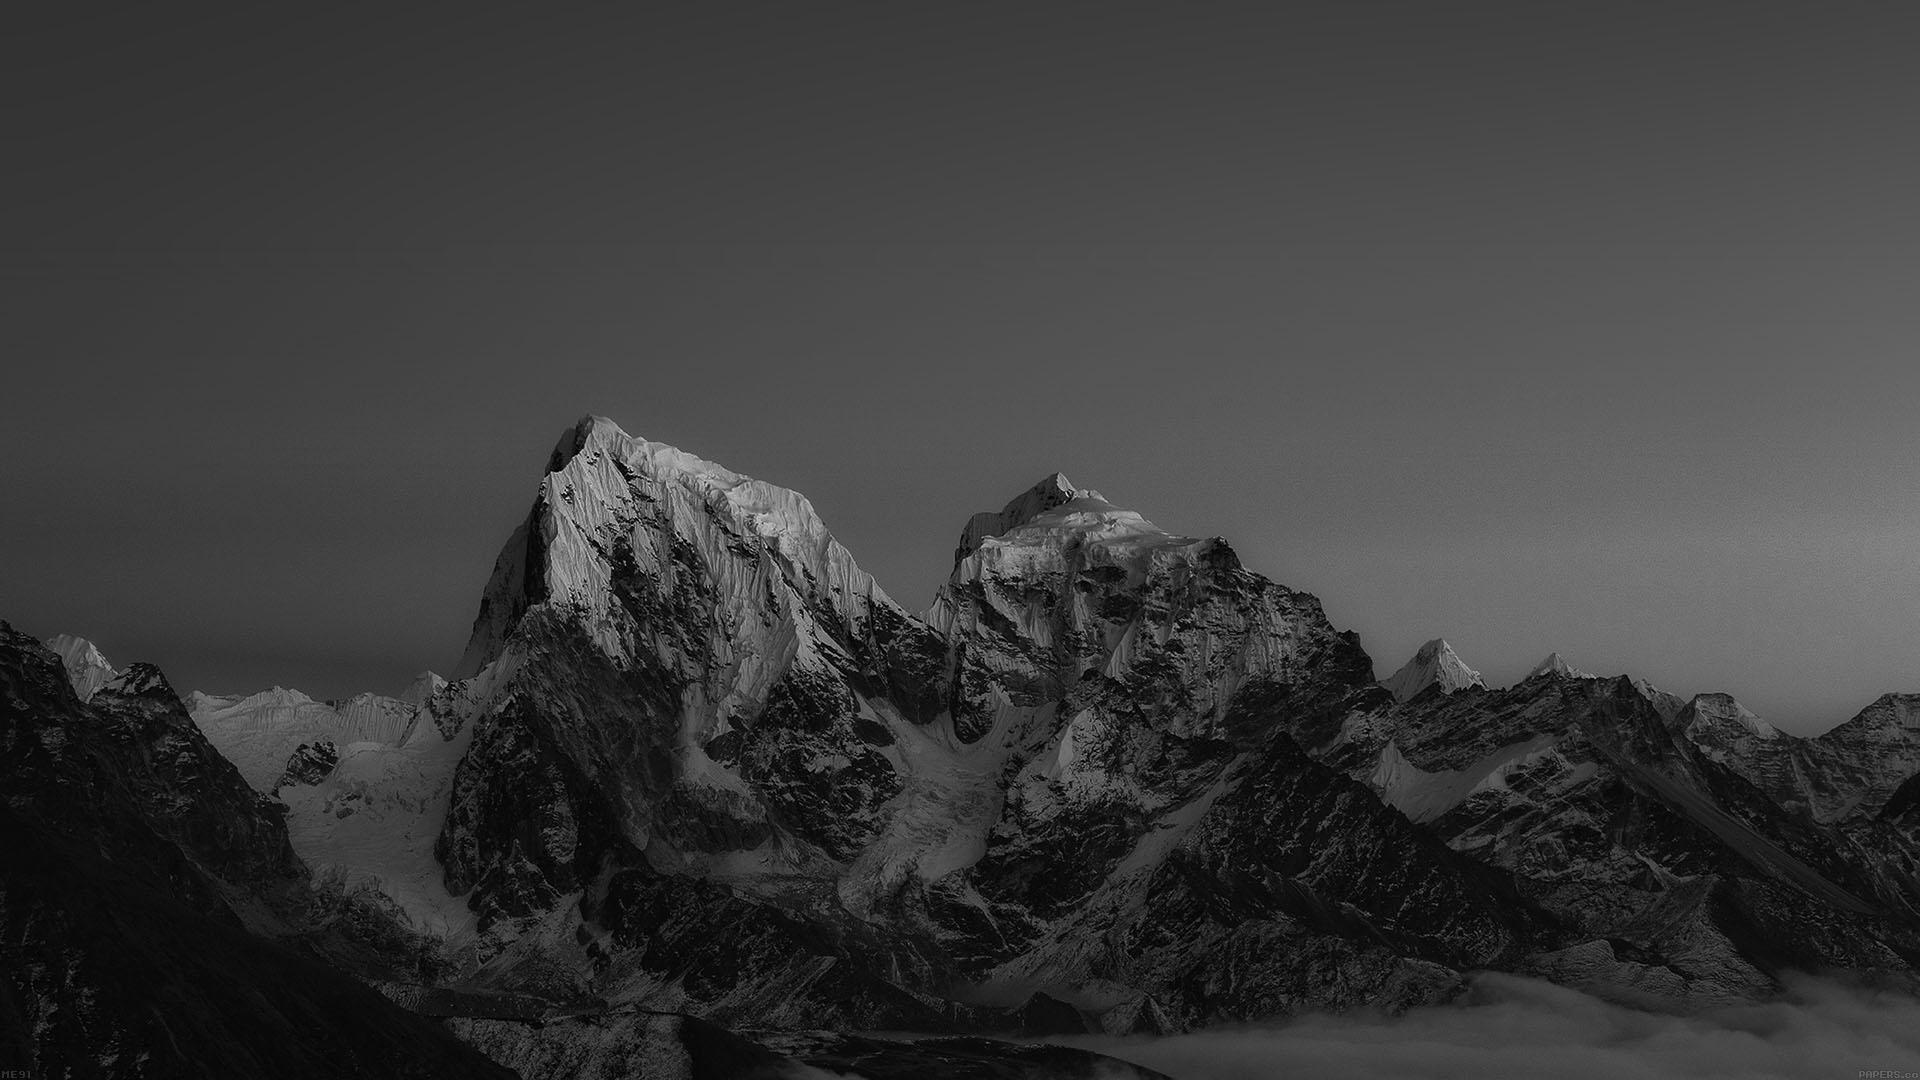 me91-himalaya-sunset-dark-mountain-art - Papers.co